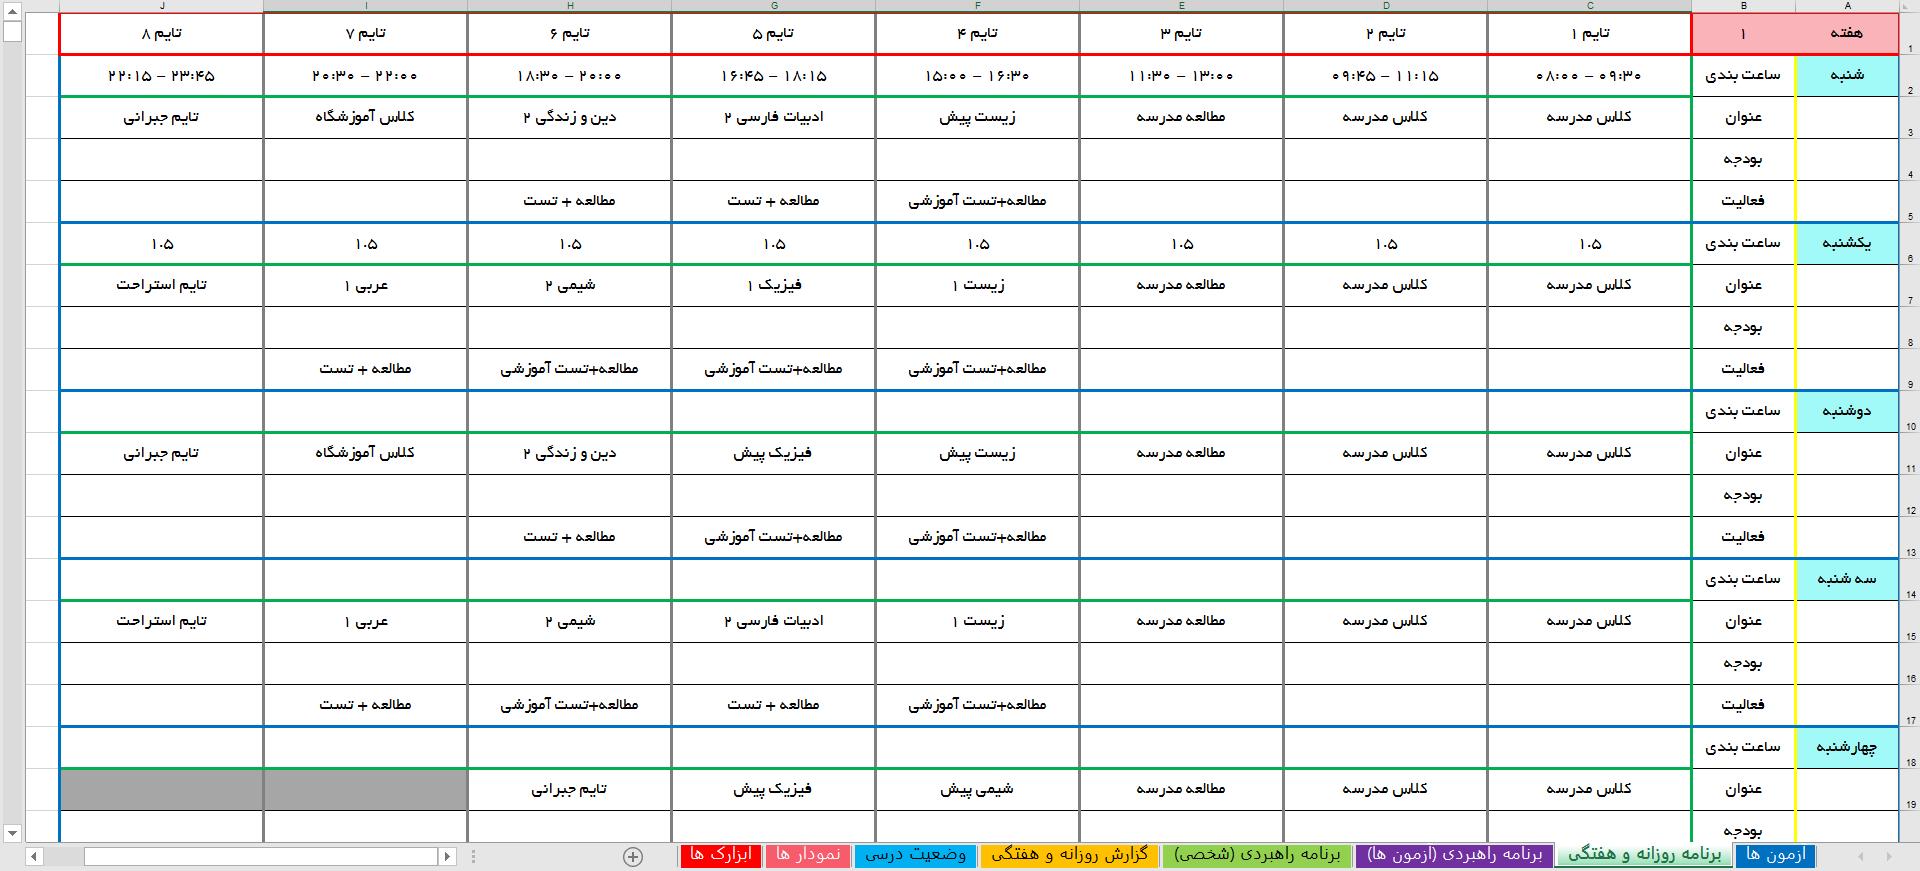 جدول برنامه ریزی روزانه